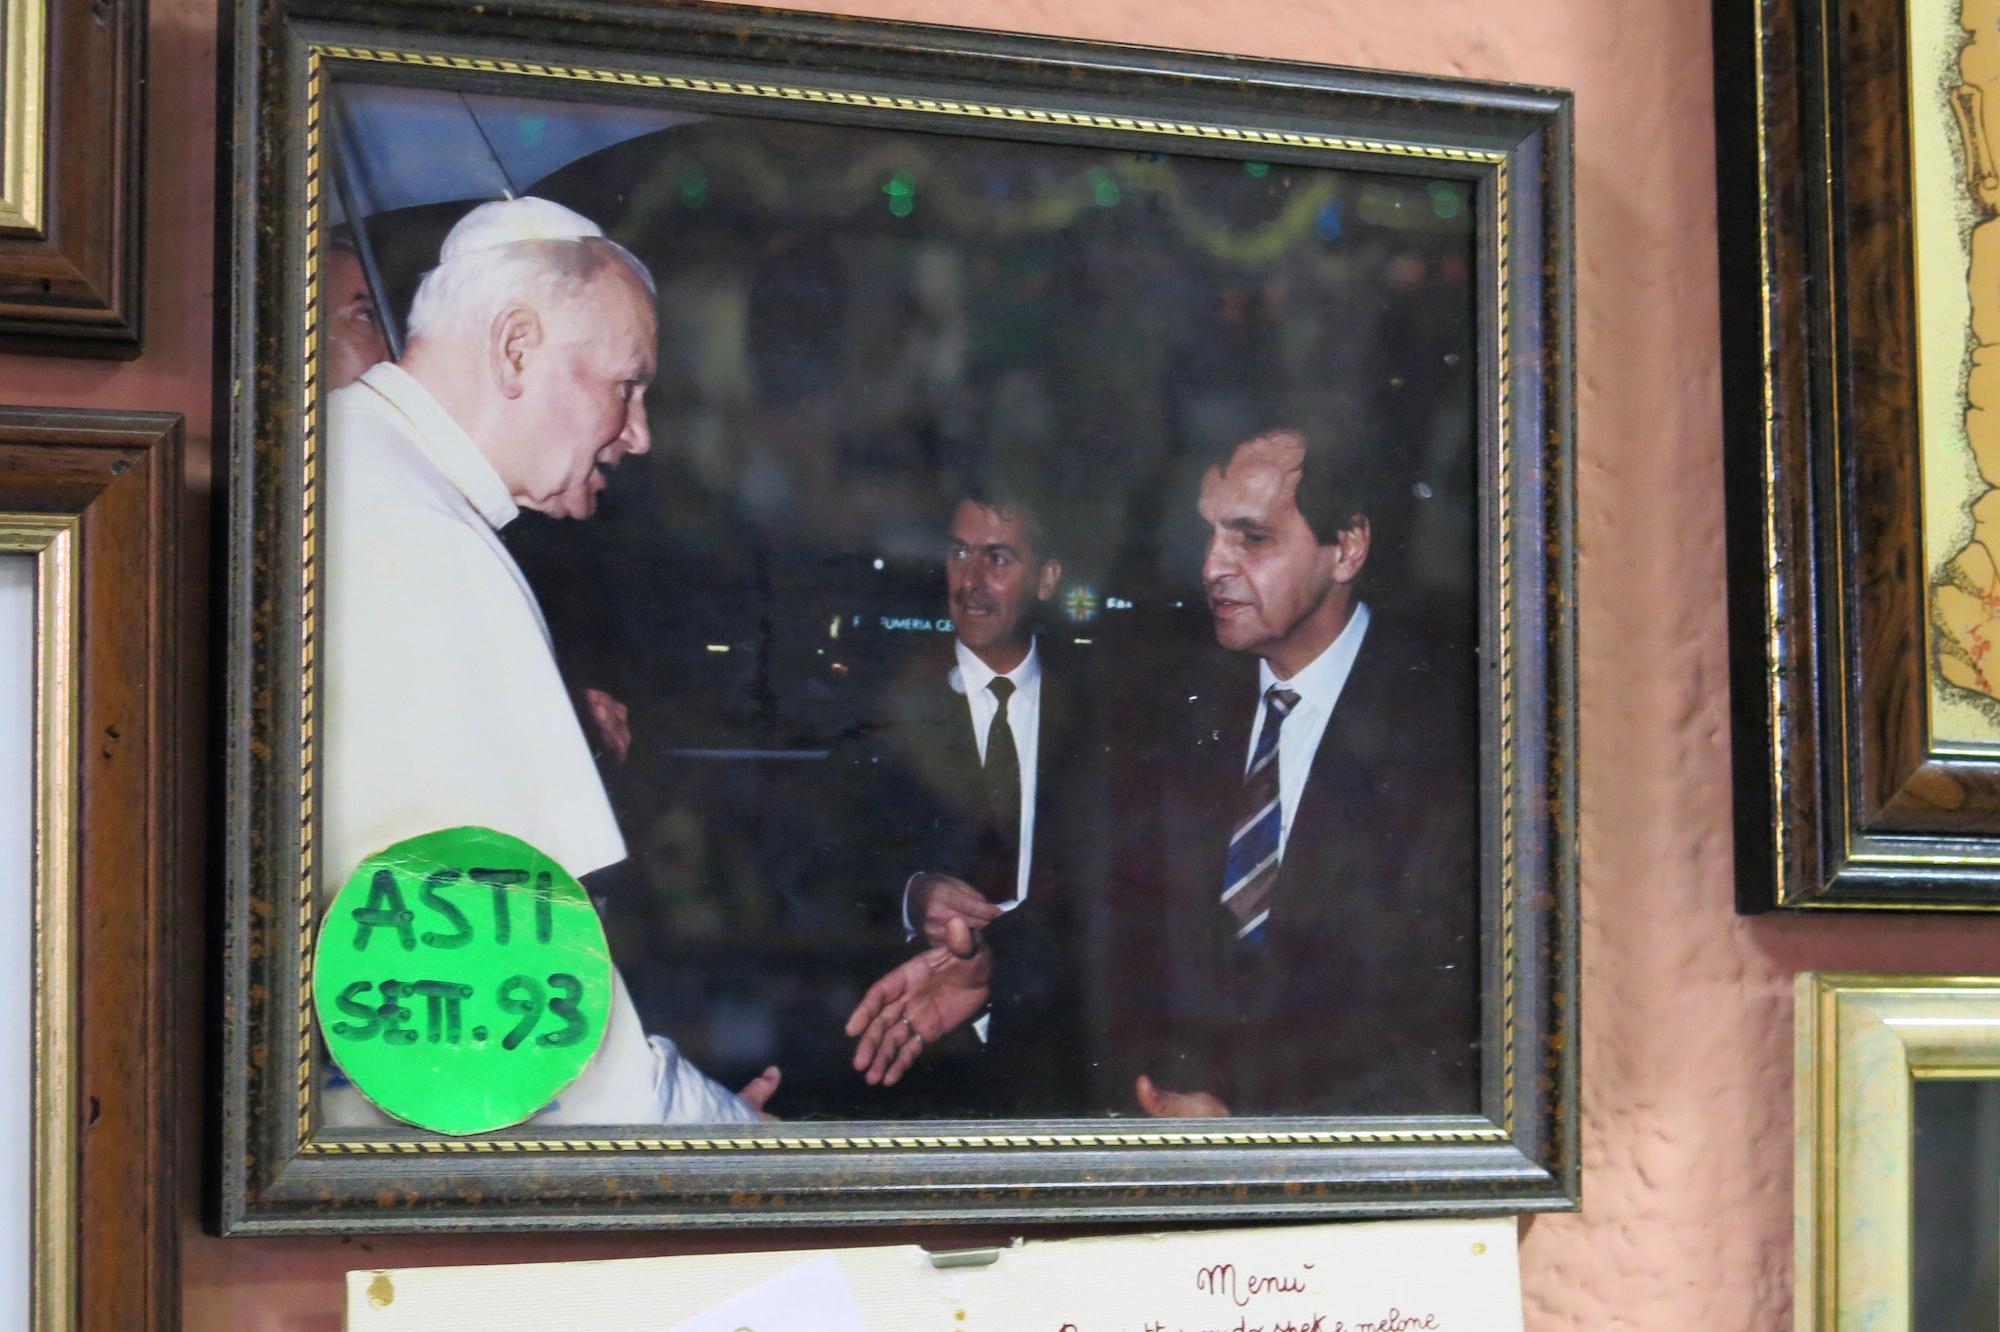 Bis heute ist nicht restlos aufgeklärt, ob sich die Hände unseres Wirts (Mann mit Krawatte) und des Papsts (Mann mit Pileolus) wirklich berührten.